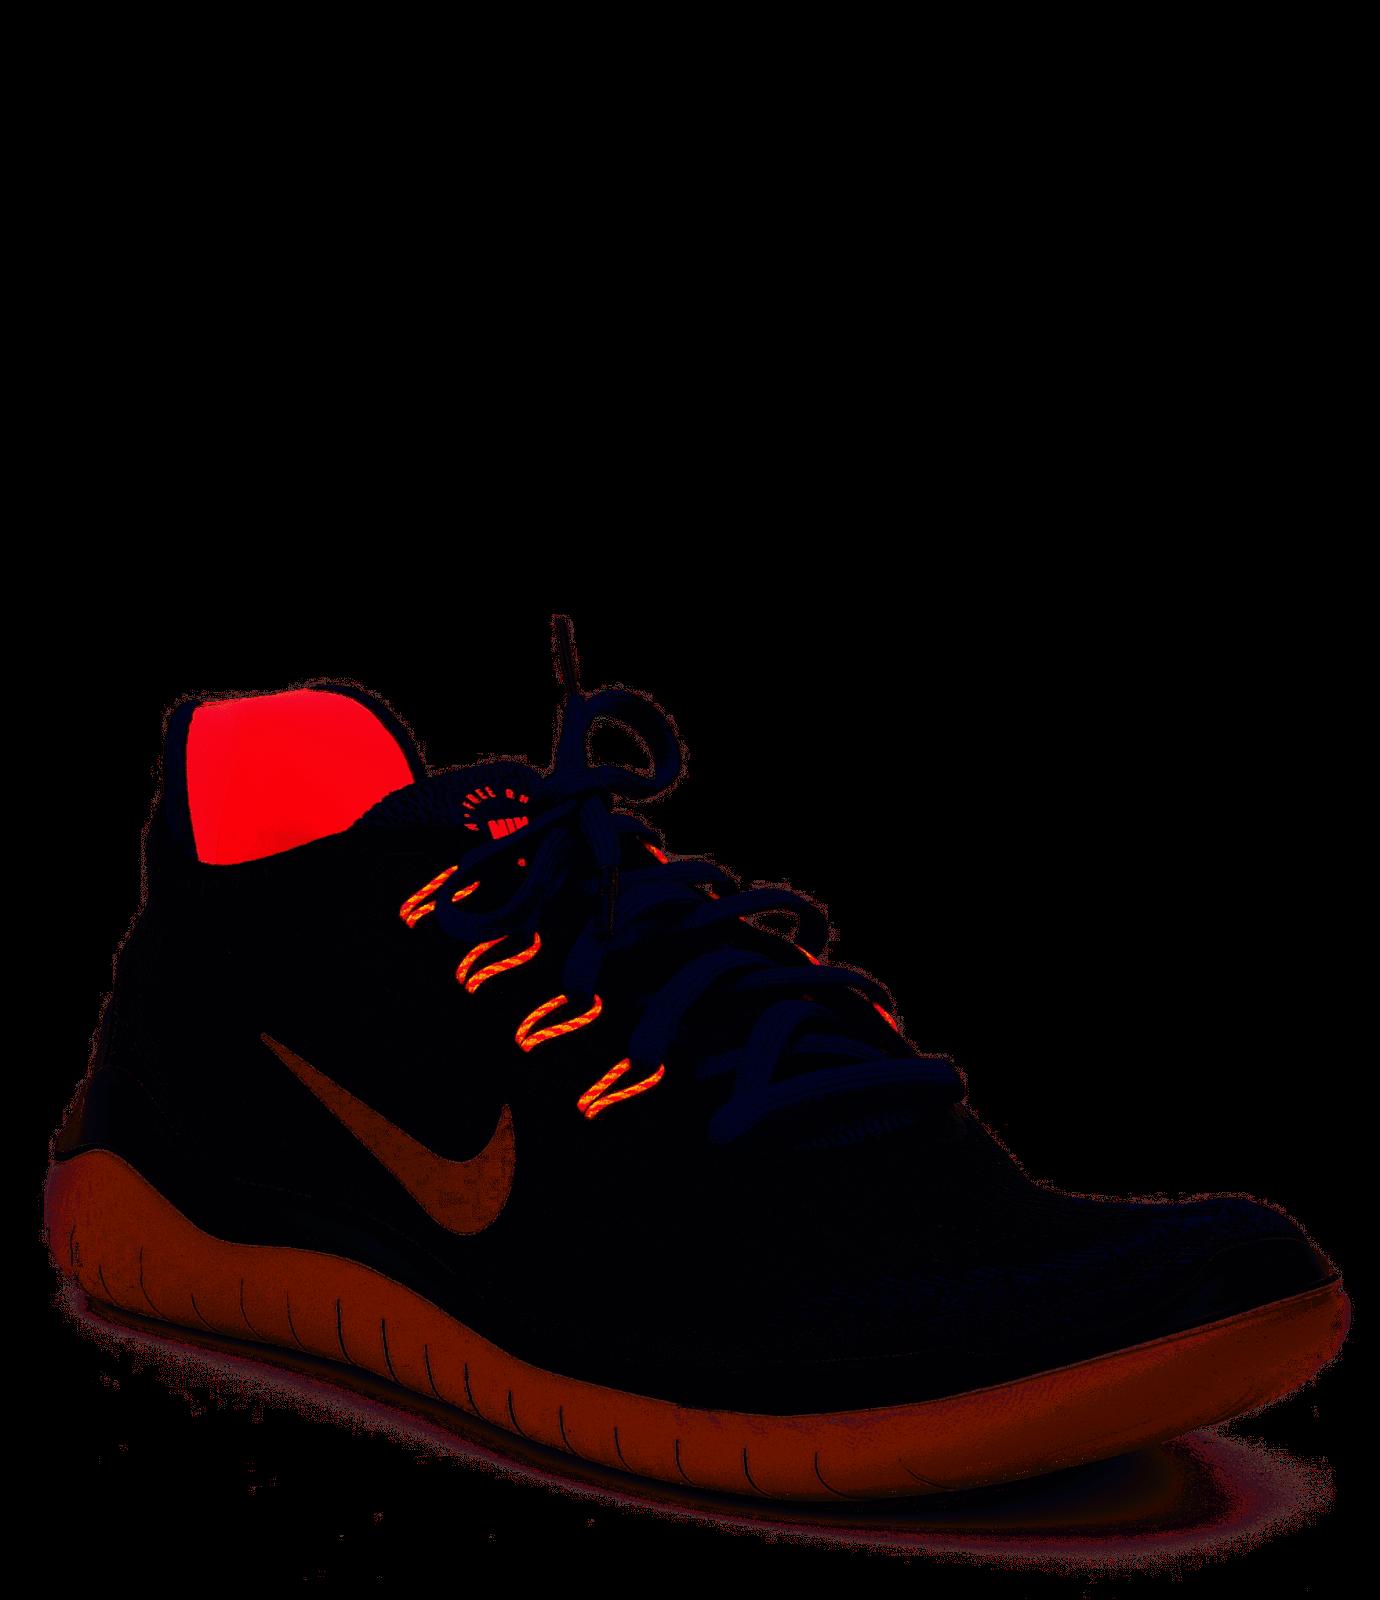 HOMBRE Nike Free Rn Rn Rn 2018 Zapatillas 942836-010 Negro Azul Carmesí Talla 11.5 e09711